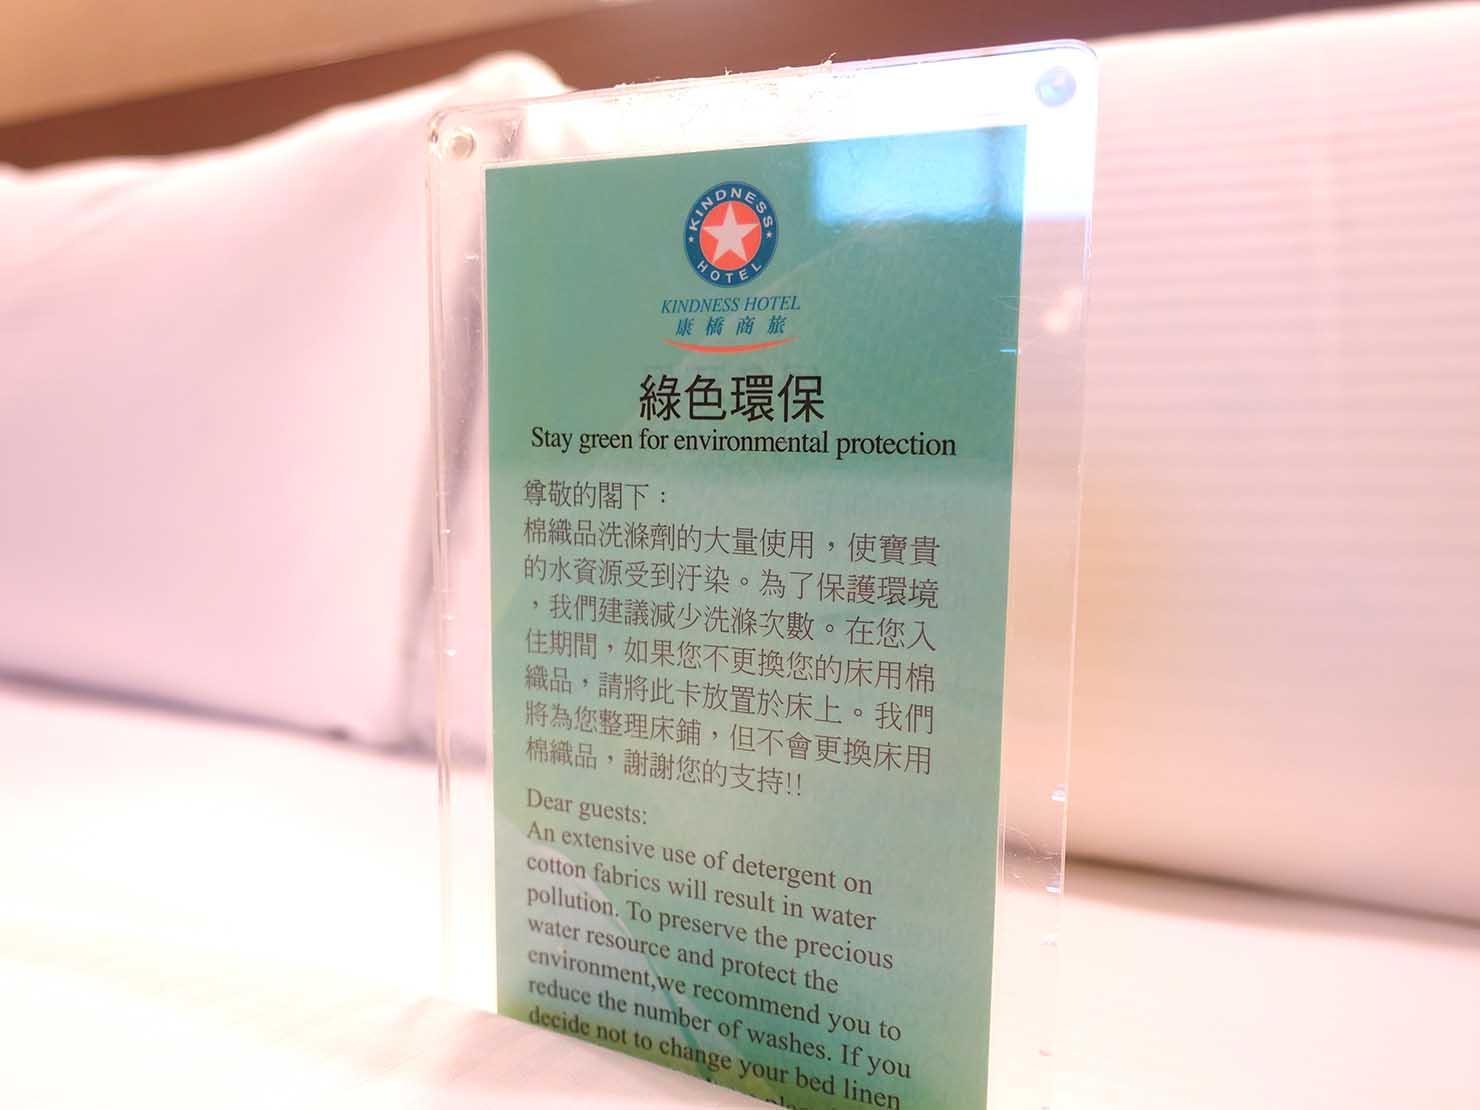 高雄のおすすめチェーンホテル「康橋商旅 Kindness Hotel(漢神館)」豪華雙人房のベッドに置かれた注意書き